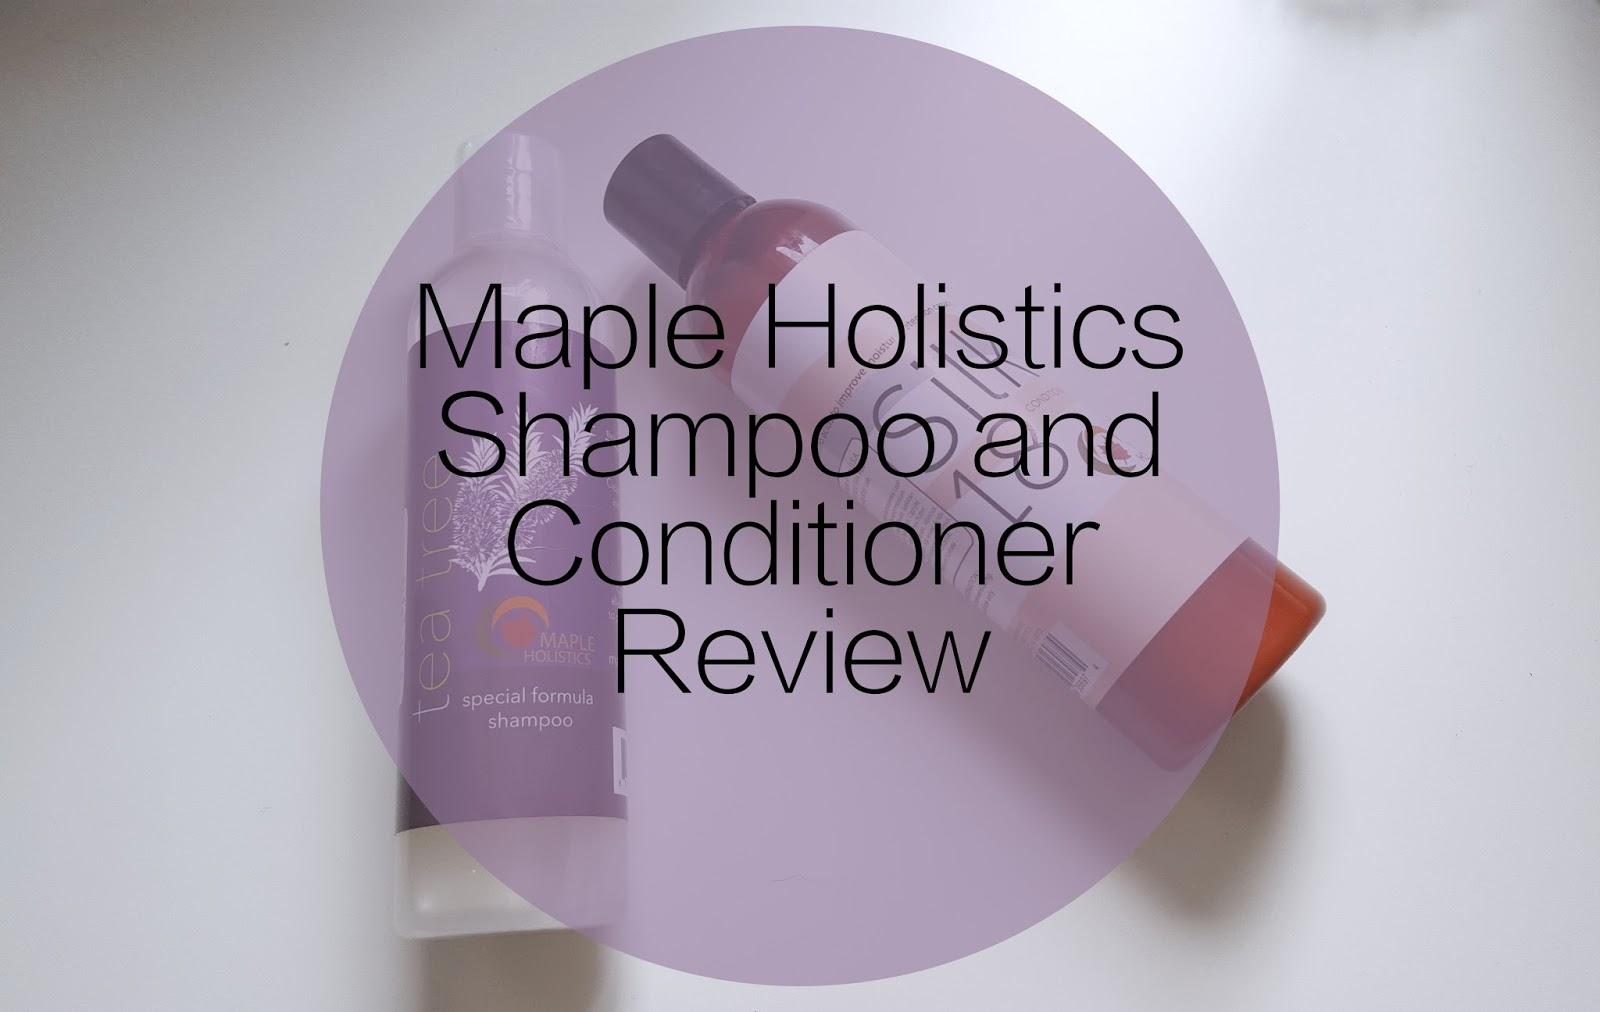 Tea Tree Special Formula Shampoo Silk 18 Conditioner Maple Holistics